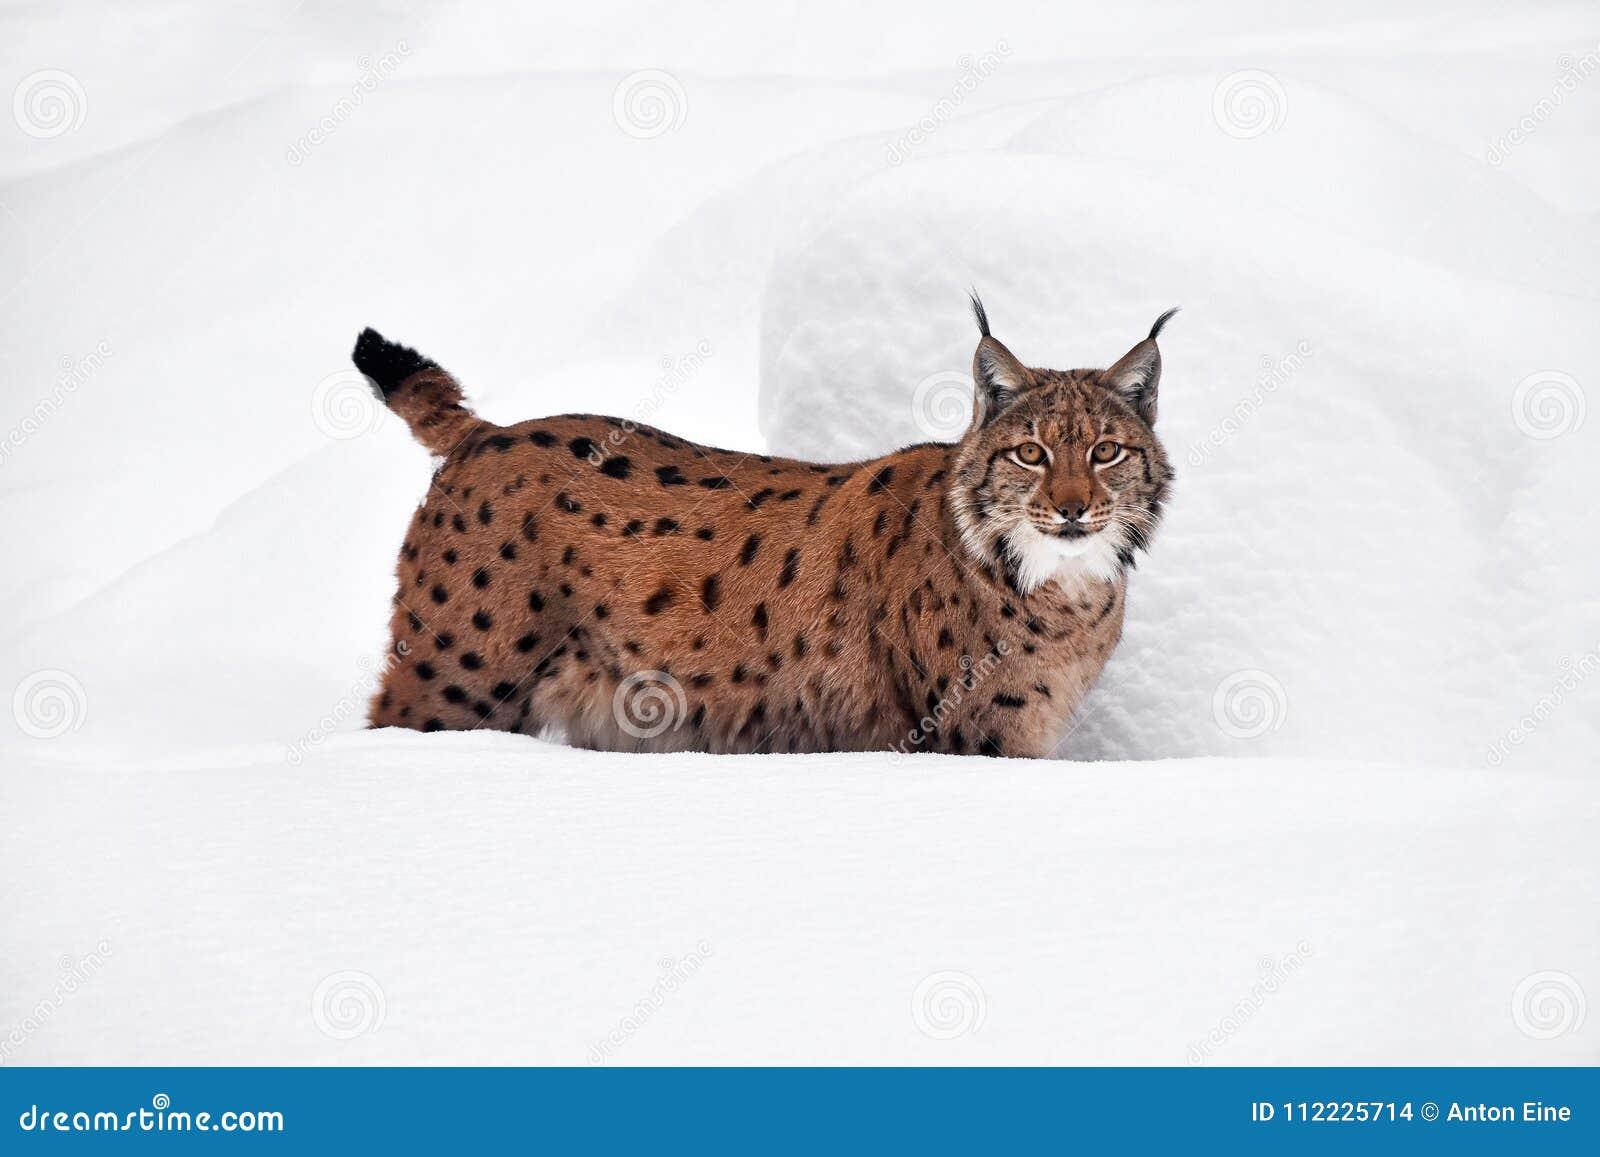 Close up full length Eurasian lynx in winter snow